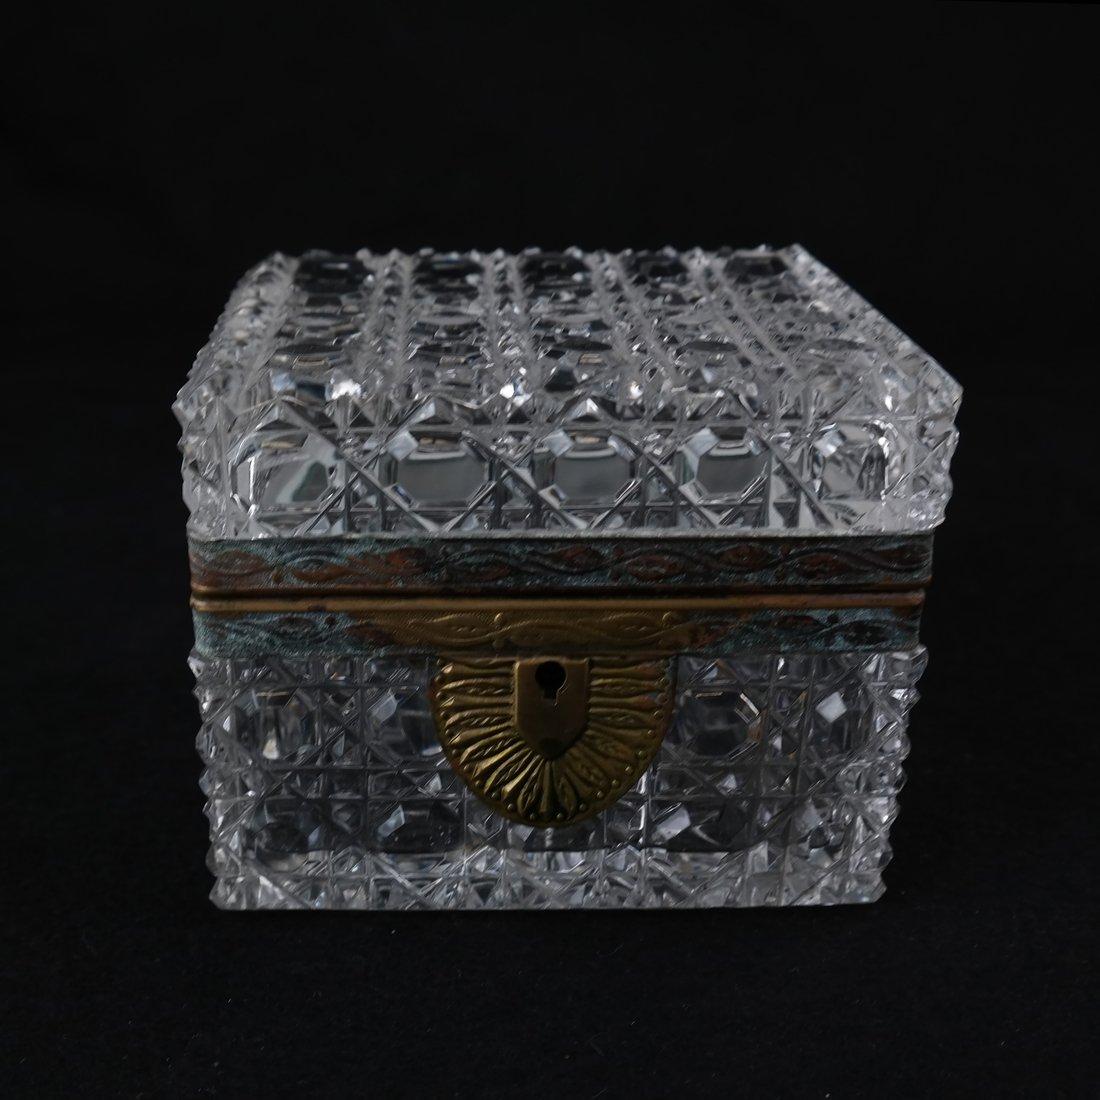 Fine Crystal Jewelry Box - 2